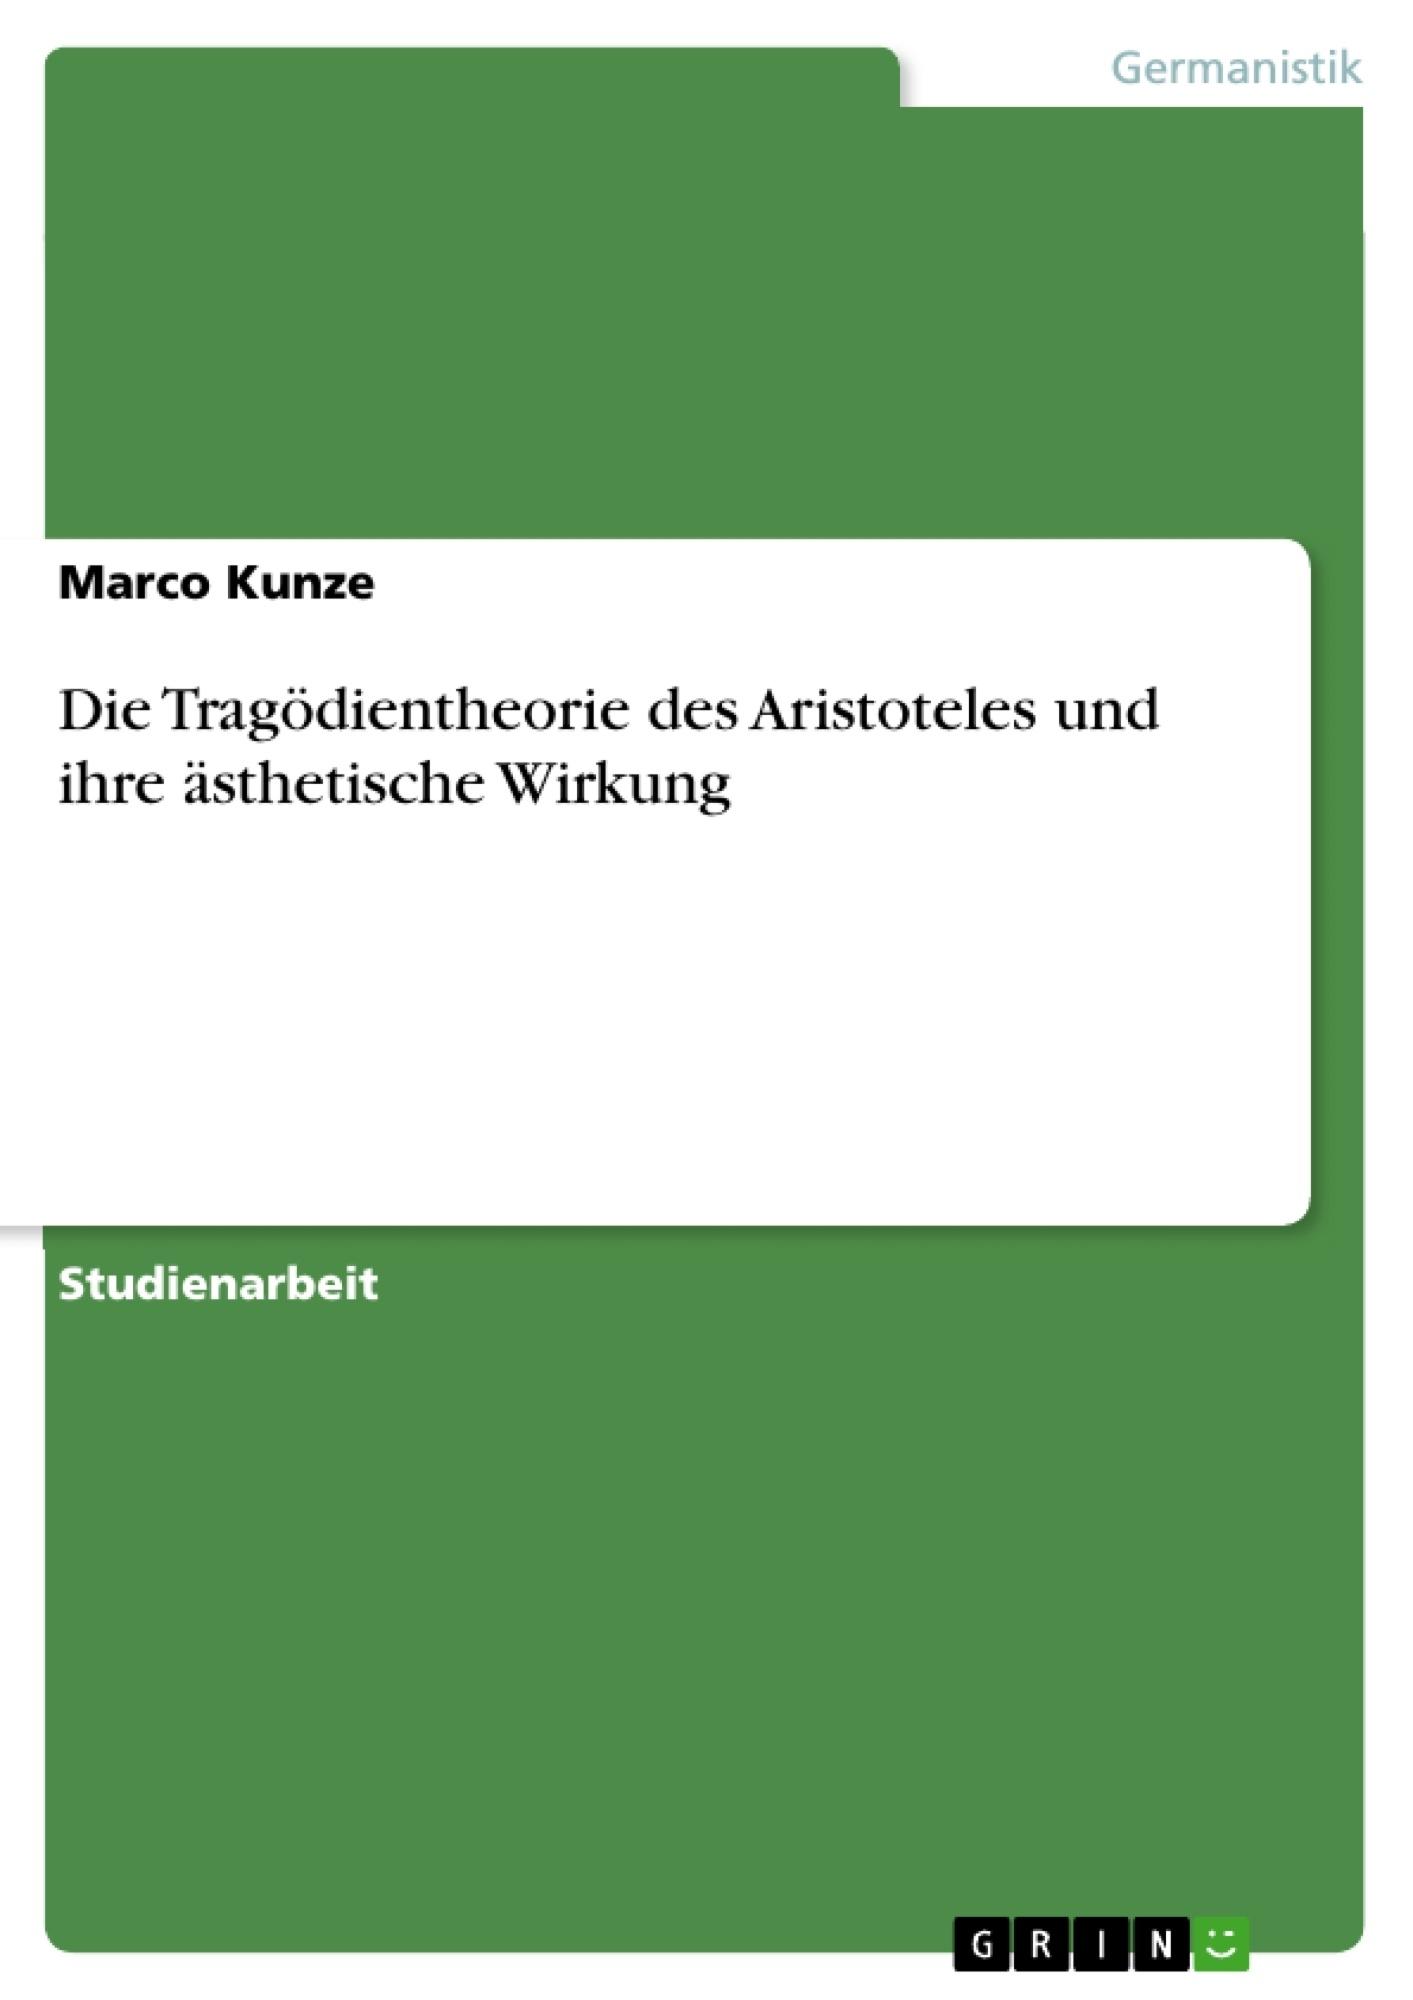 Titel: Die Tragödientheorie des Aristoteles und ihre ästhetische Wirkung